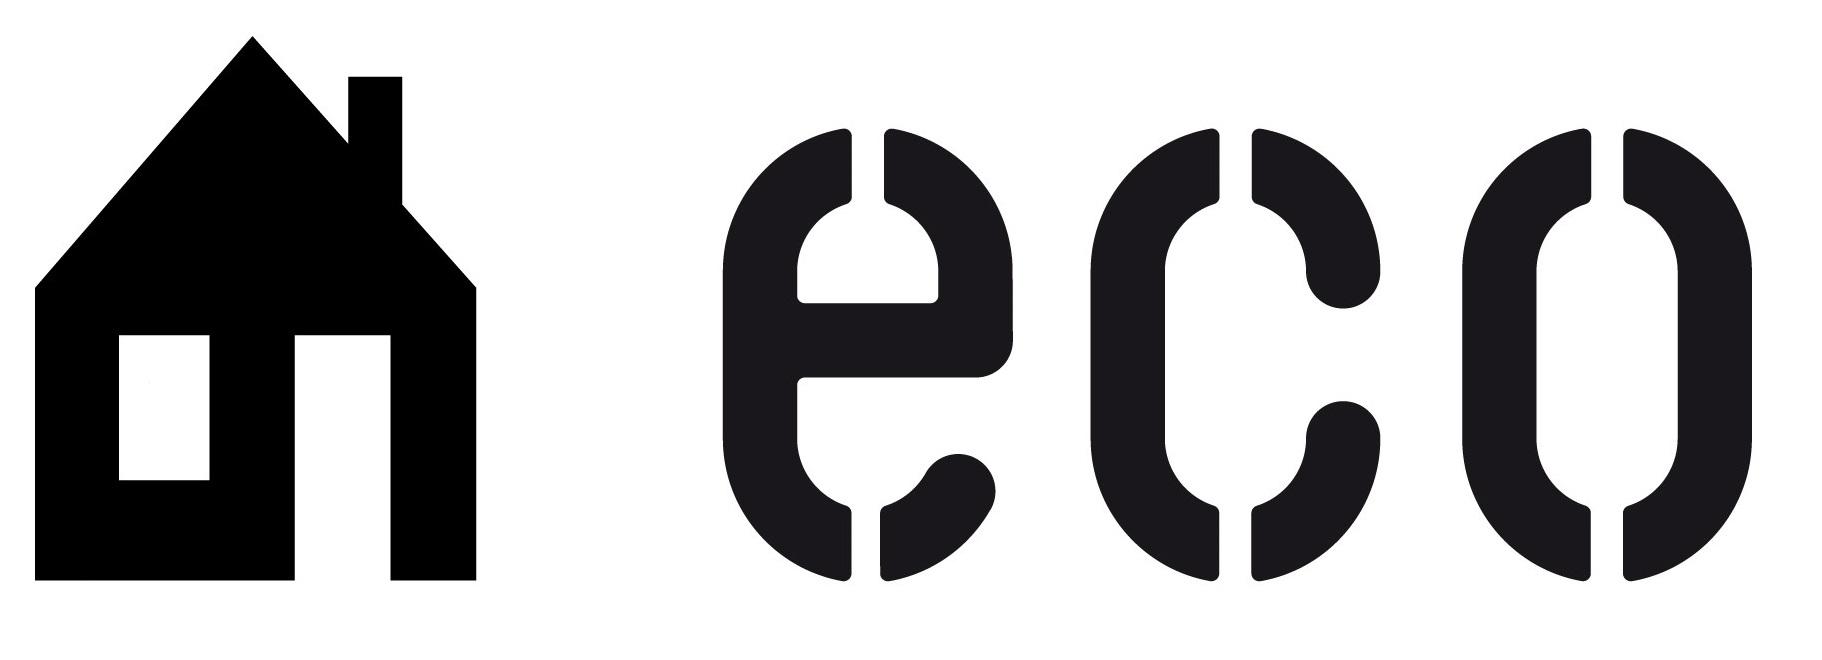 Hotto logo